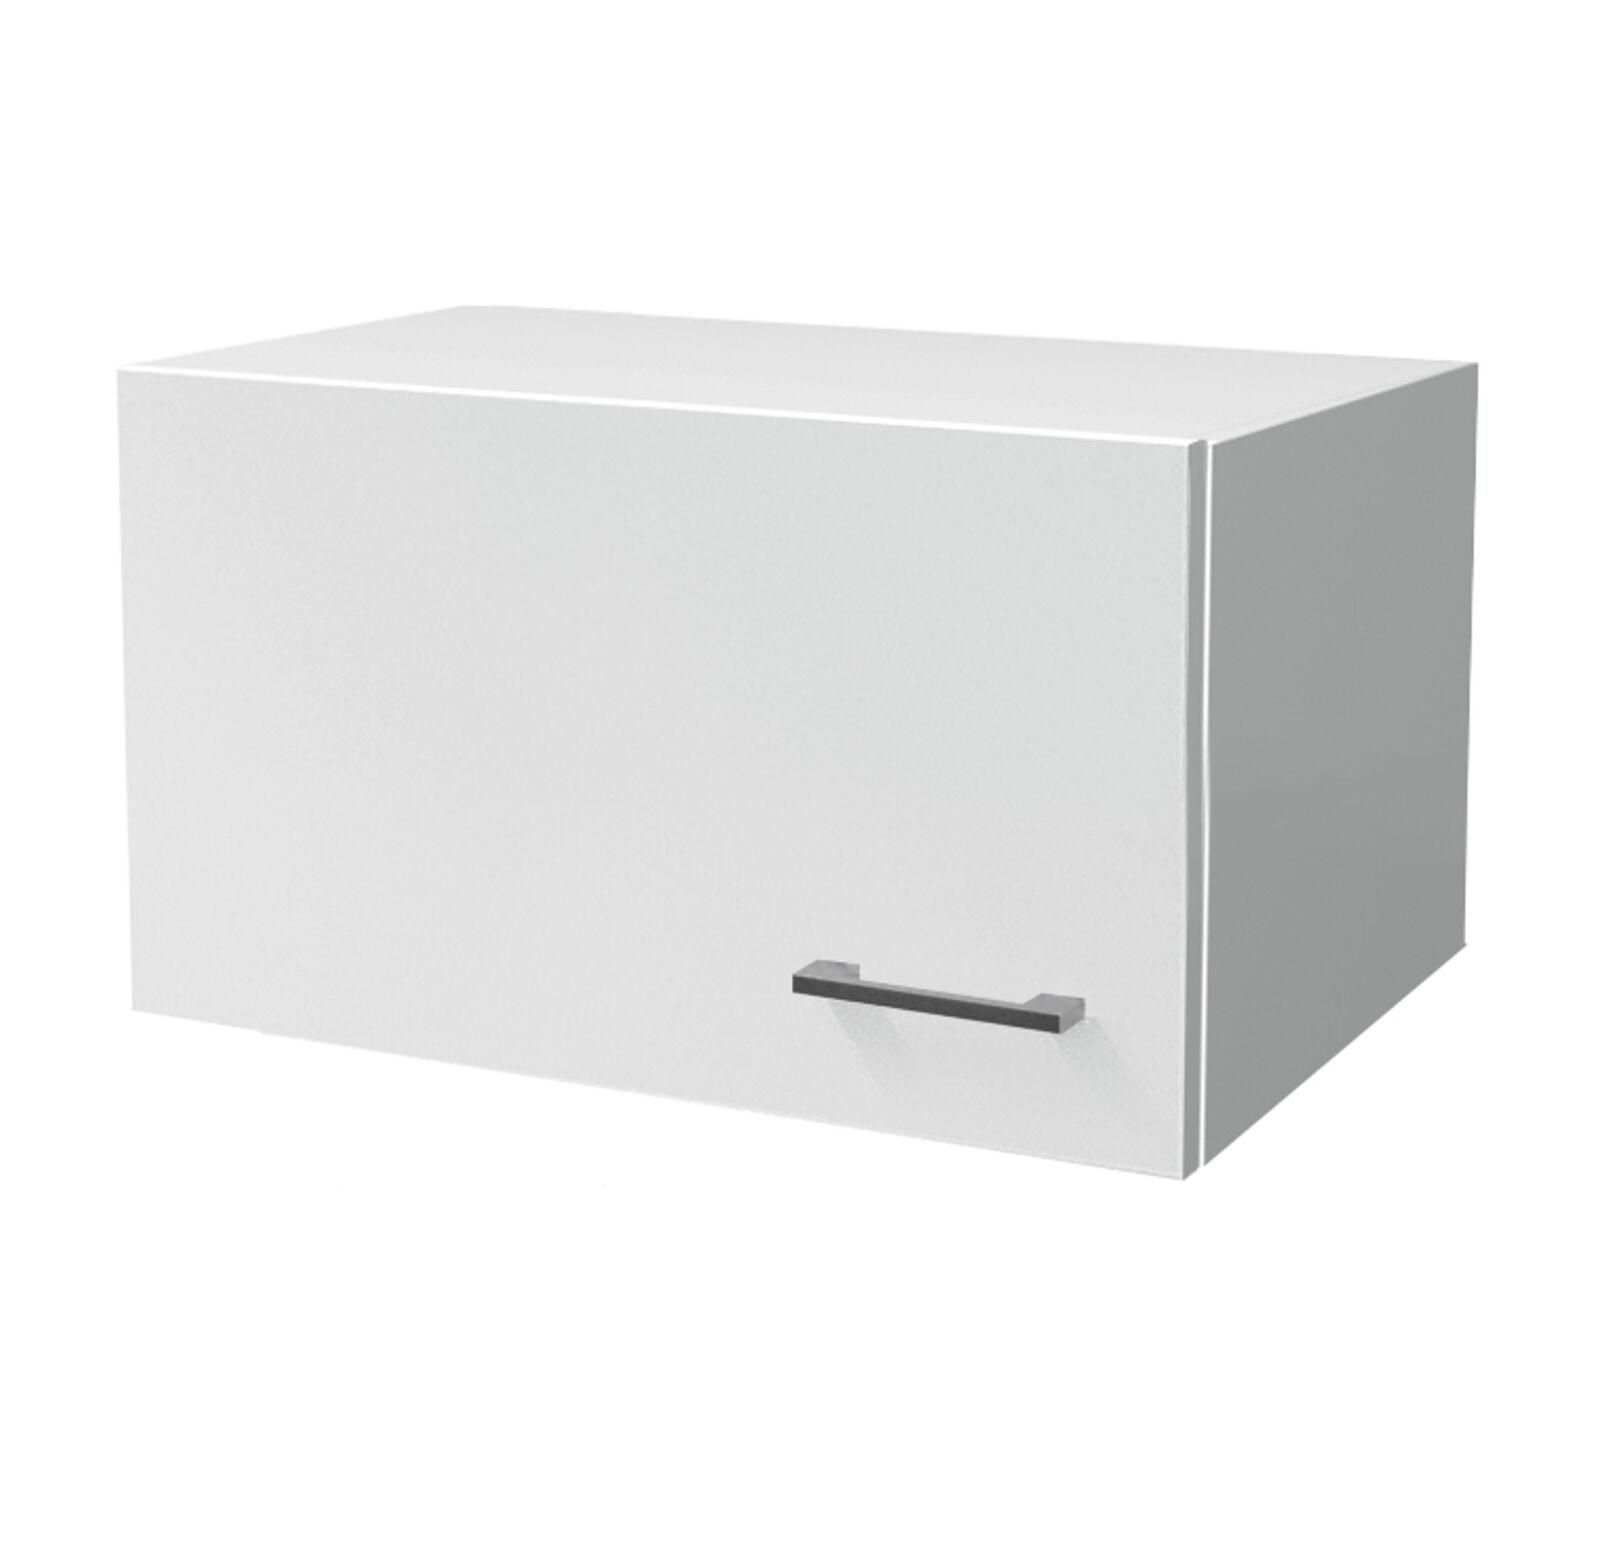 Küchen-Kurzhänger LUCCA Dunsthänger Dunsthängeschrank Küchenschrank 60 cm weiss